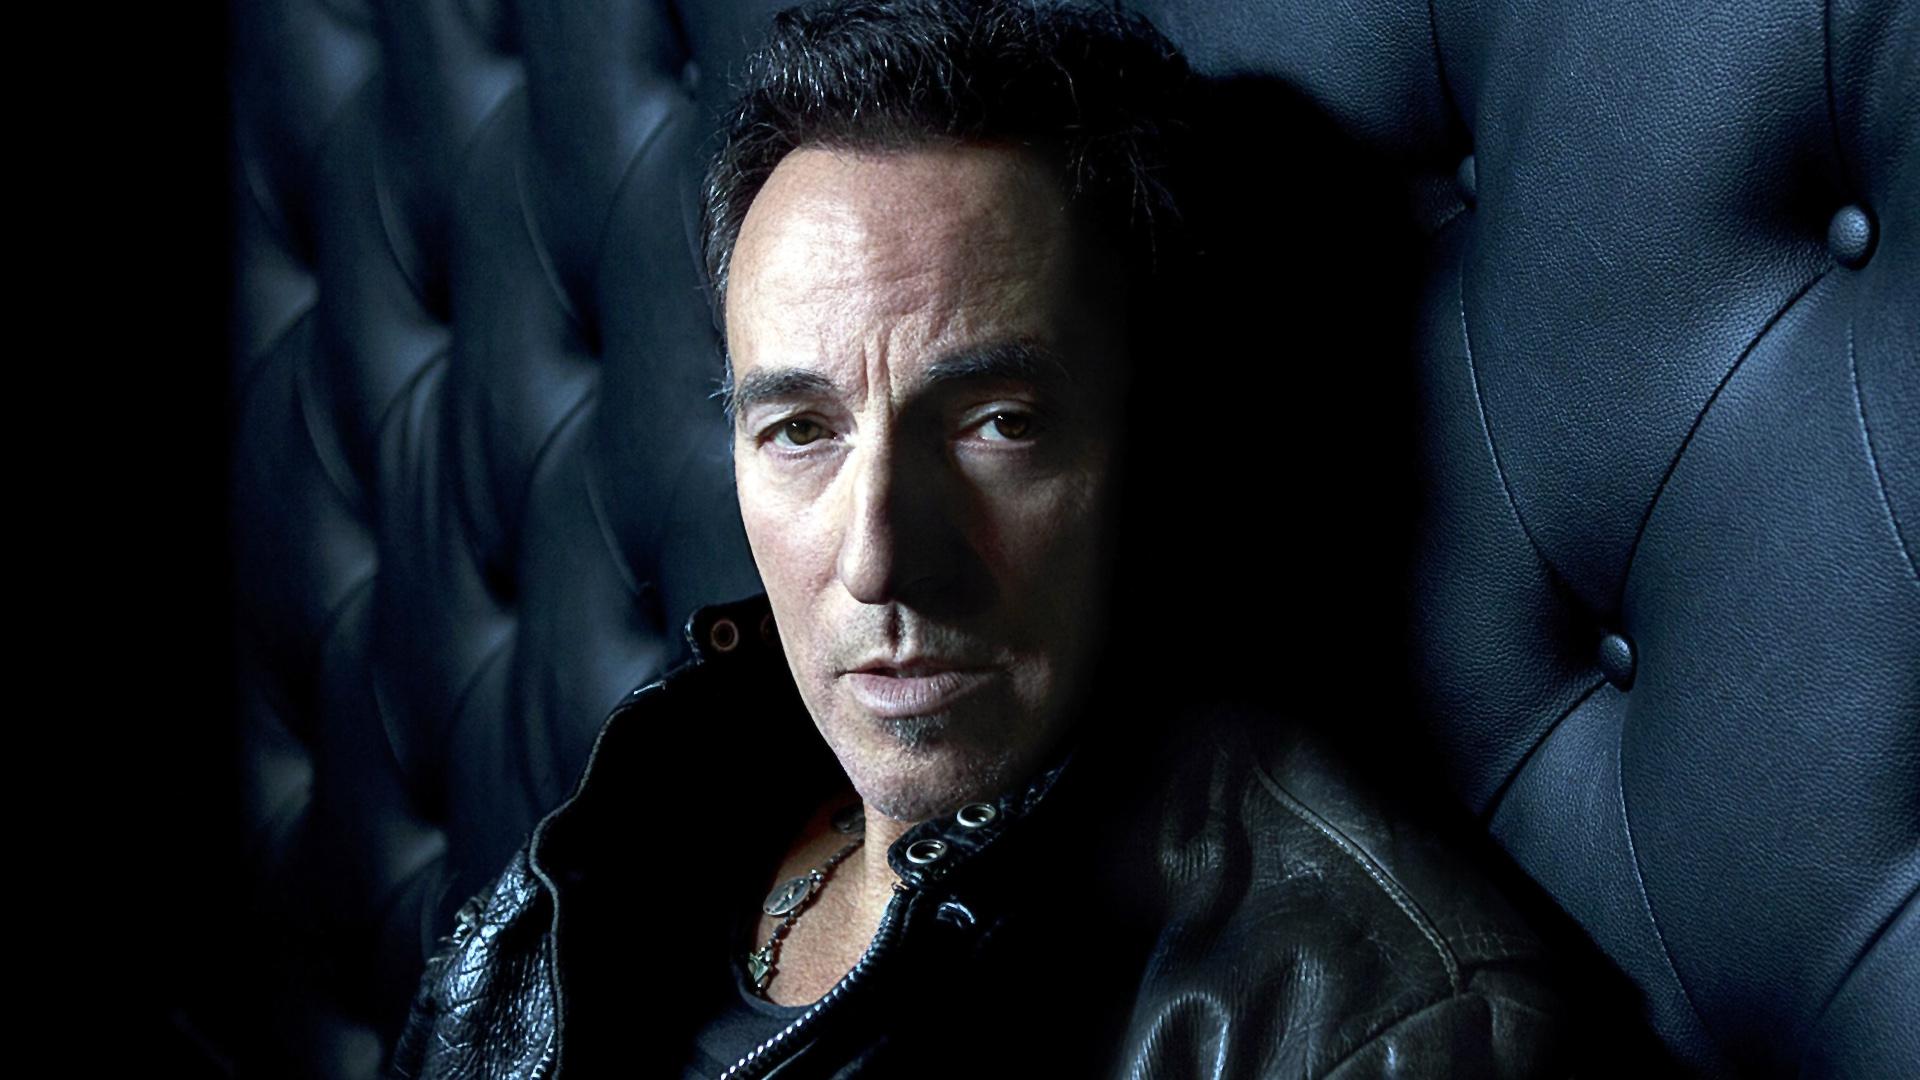 Bruce Springsteen Wallpaper